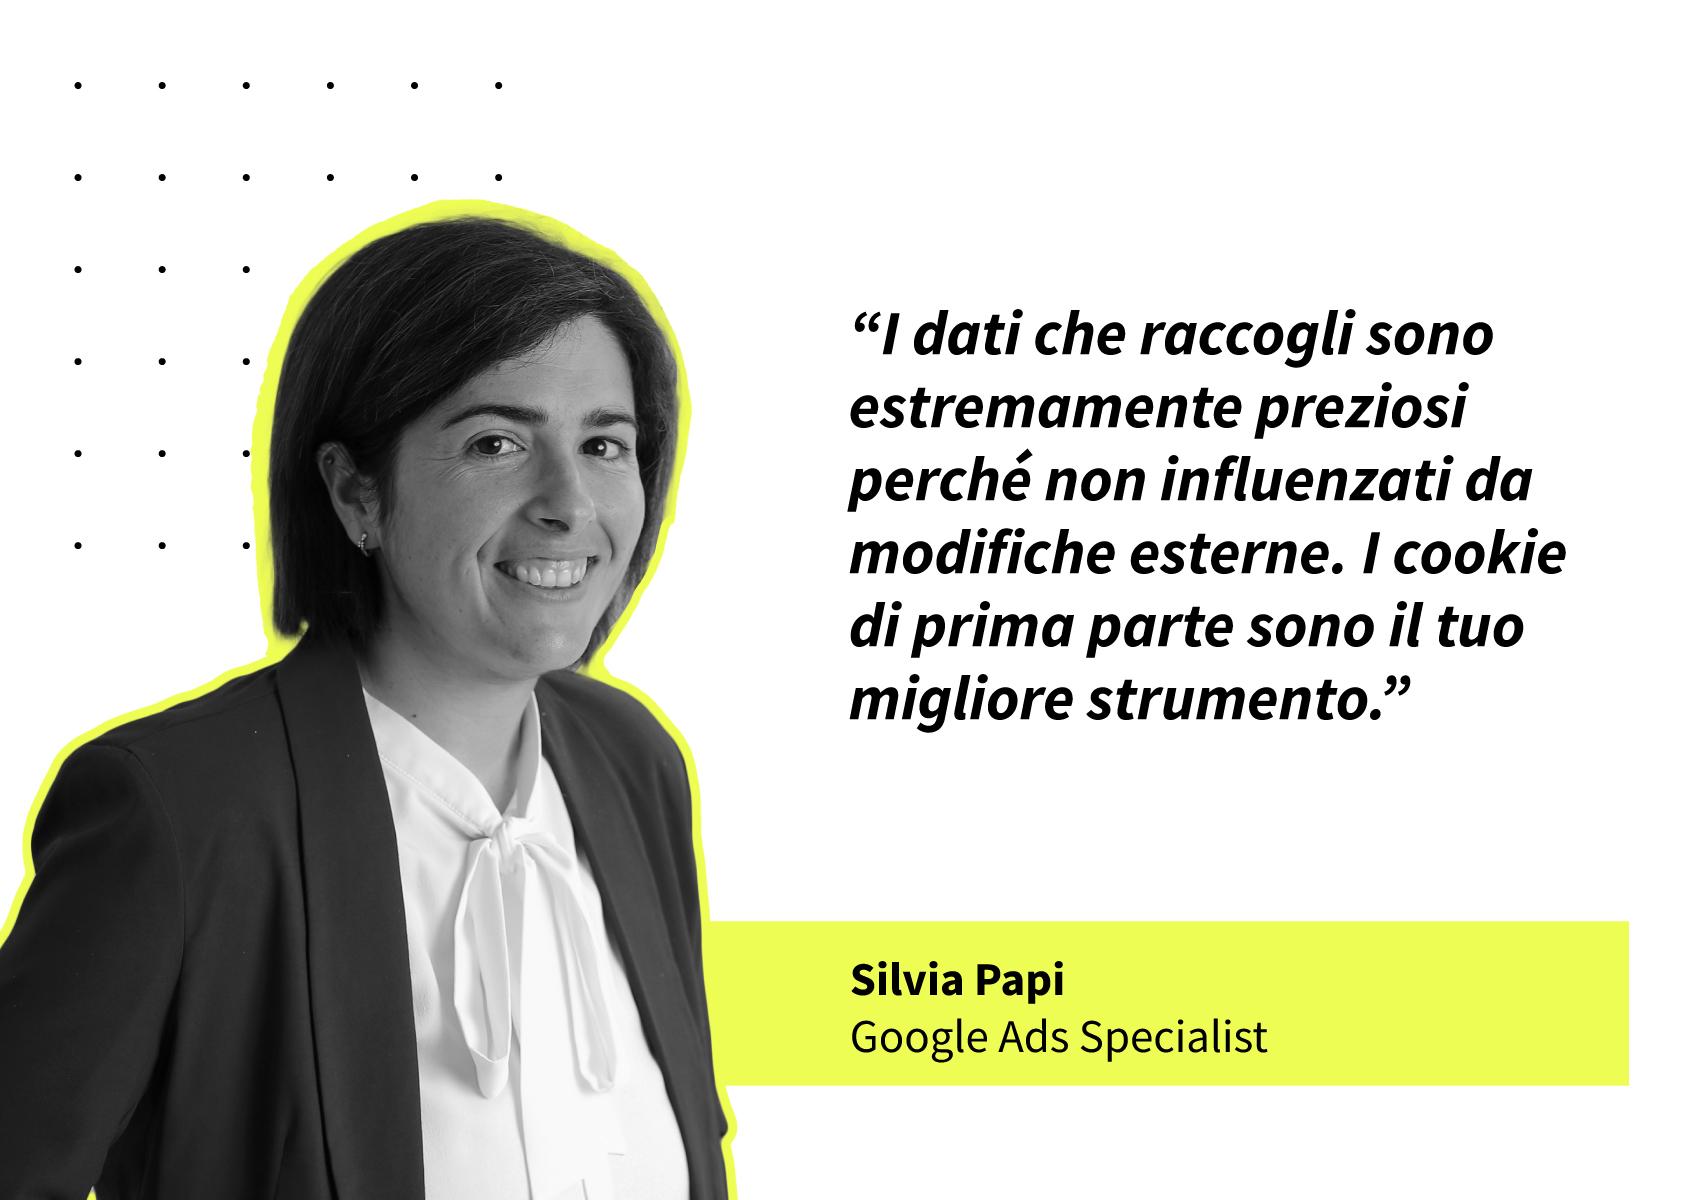 Rivoluzione-google-coockies-quote-Silvia